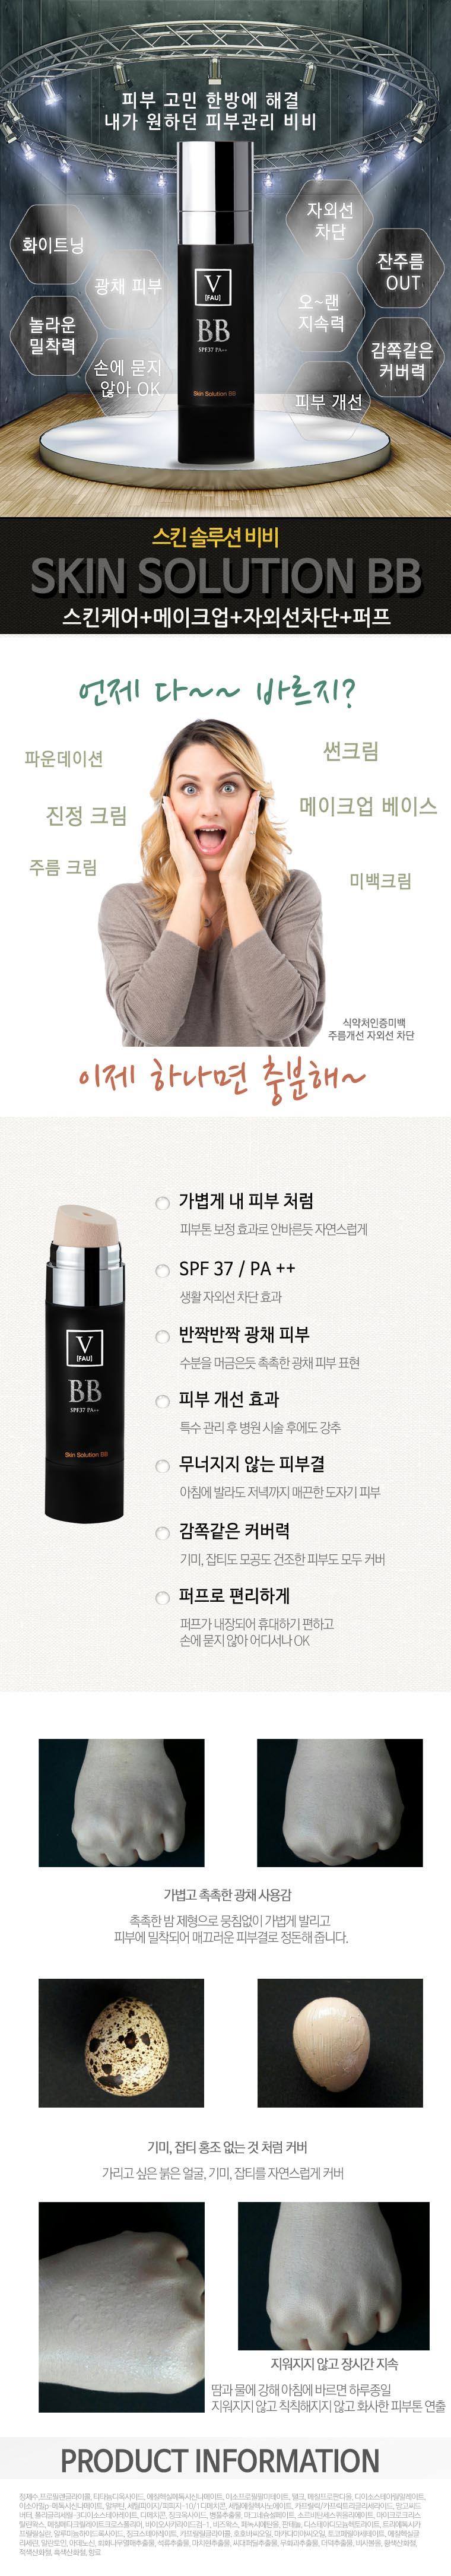 fau-Skin-solution-BB-cream-1.jpg